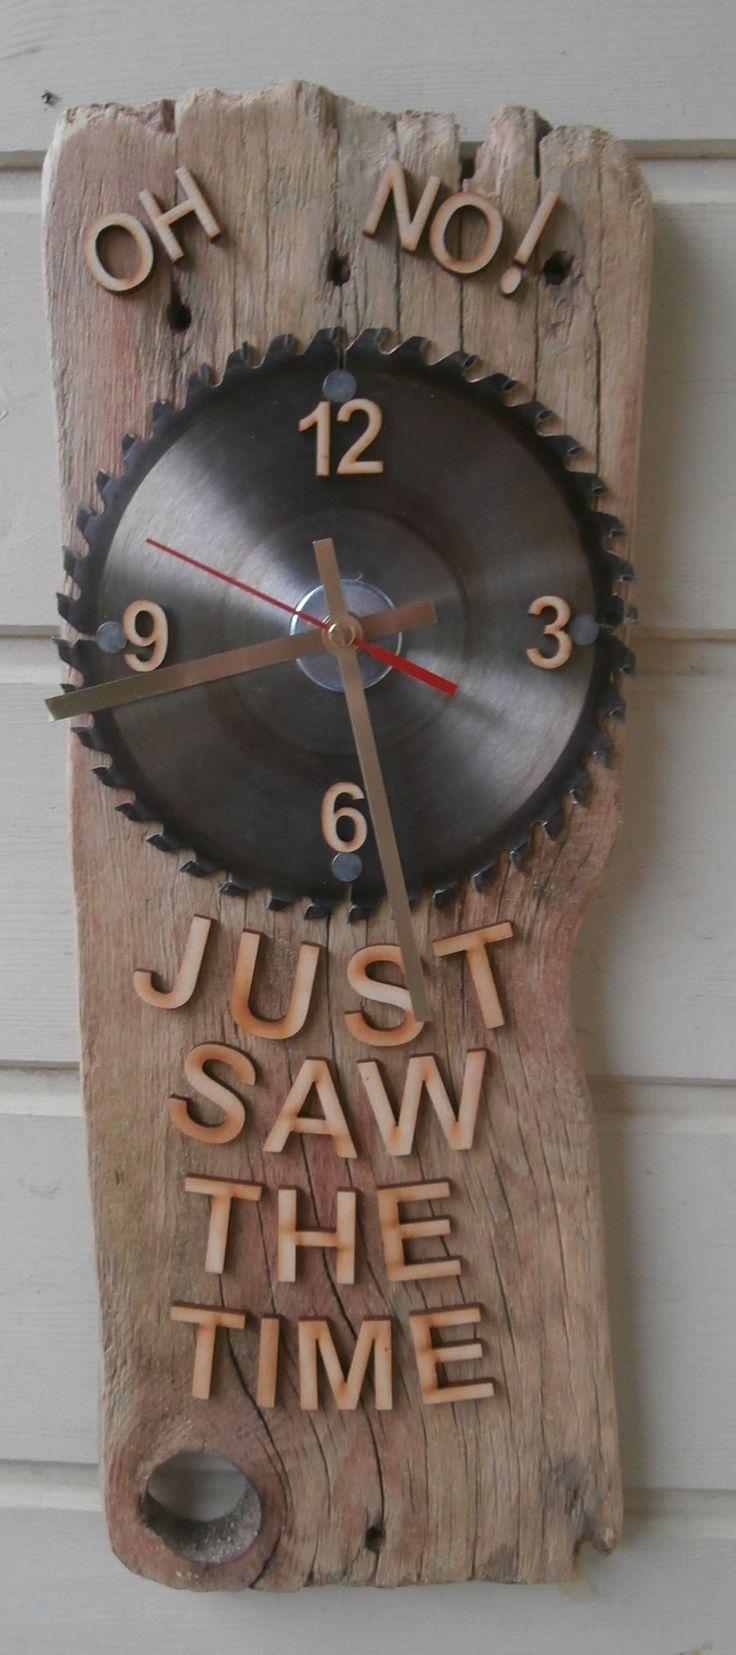 Driftwood Clock featuring circular saw blade clock face